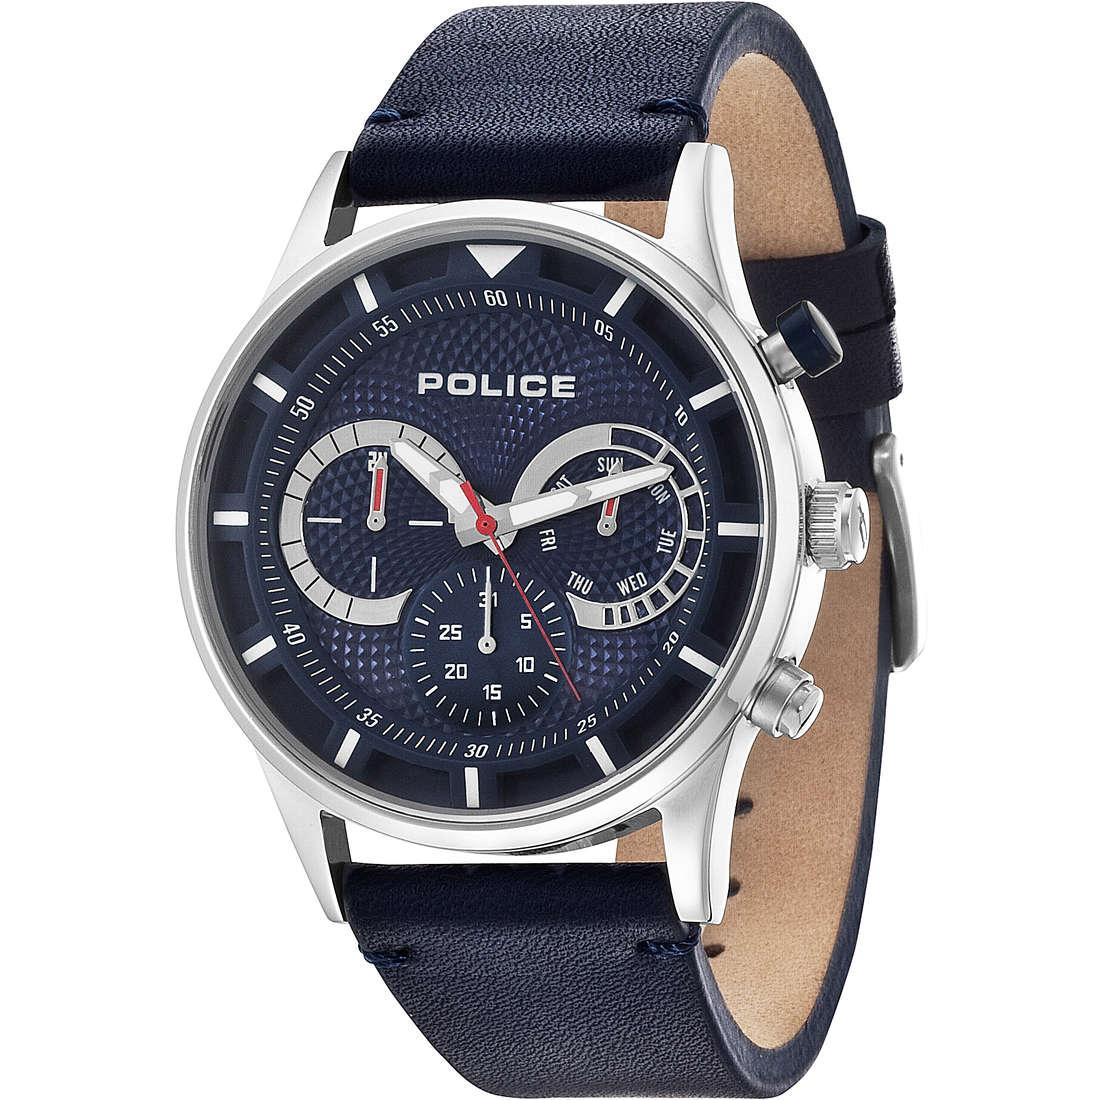 orologio multifunzione uomo Police Driver R1451263002